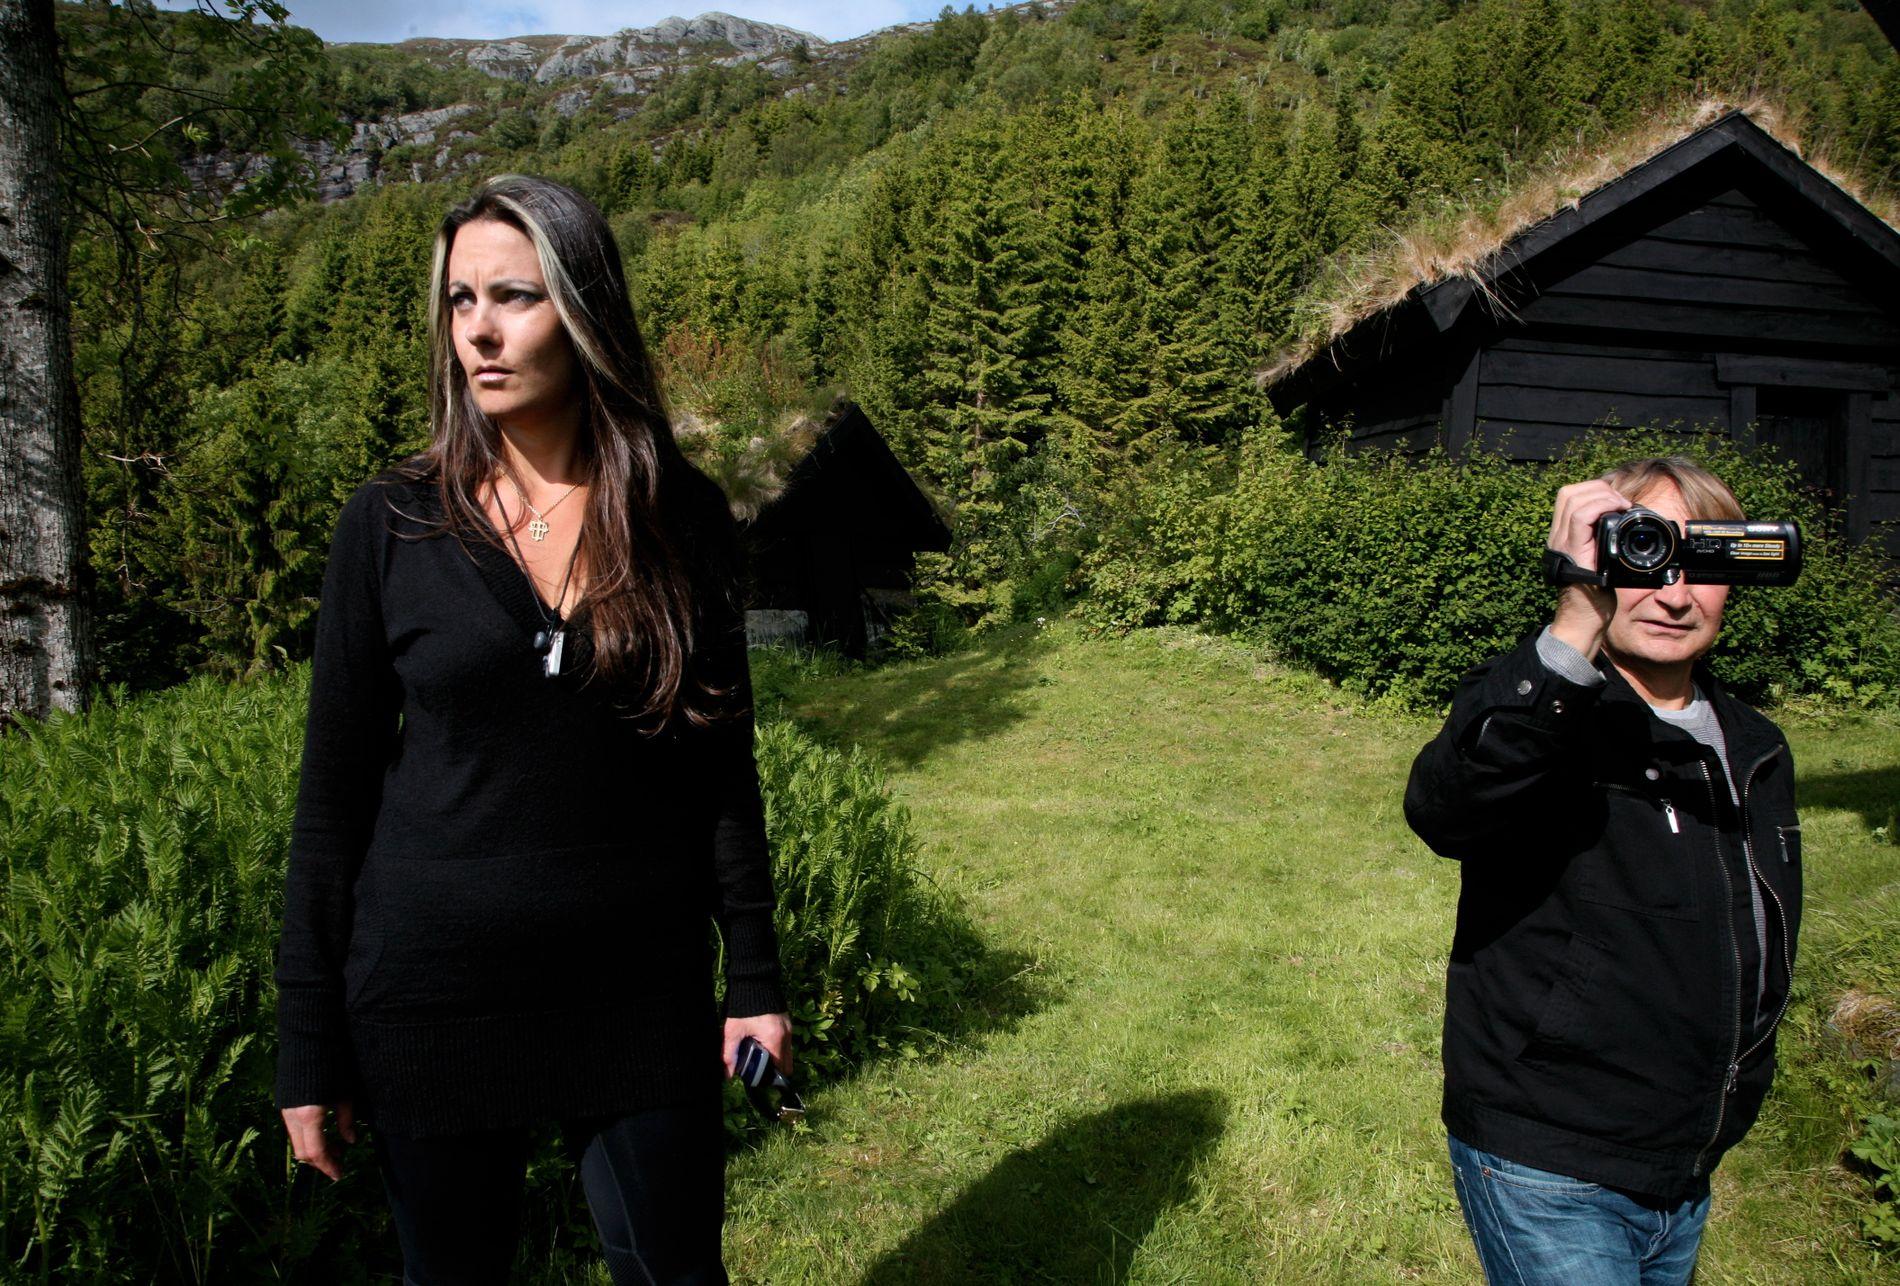 UTKANT: Kva blir att av Sogn og Fjordane i ein ny vestlandsregion, spør Randi Førsund (her saman med filmskapar Nils Gaup)